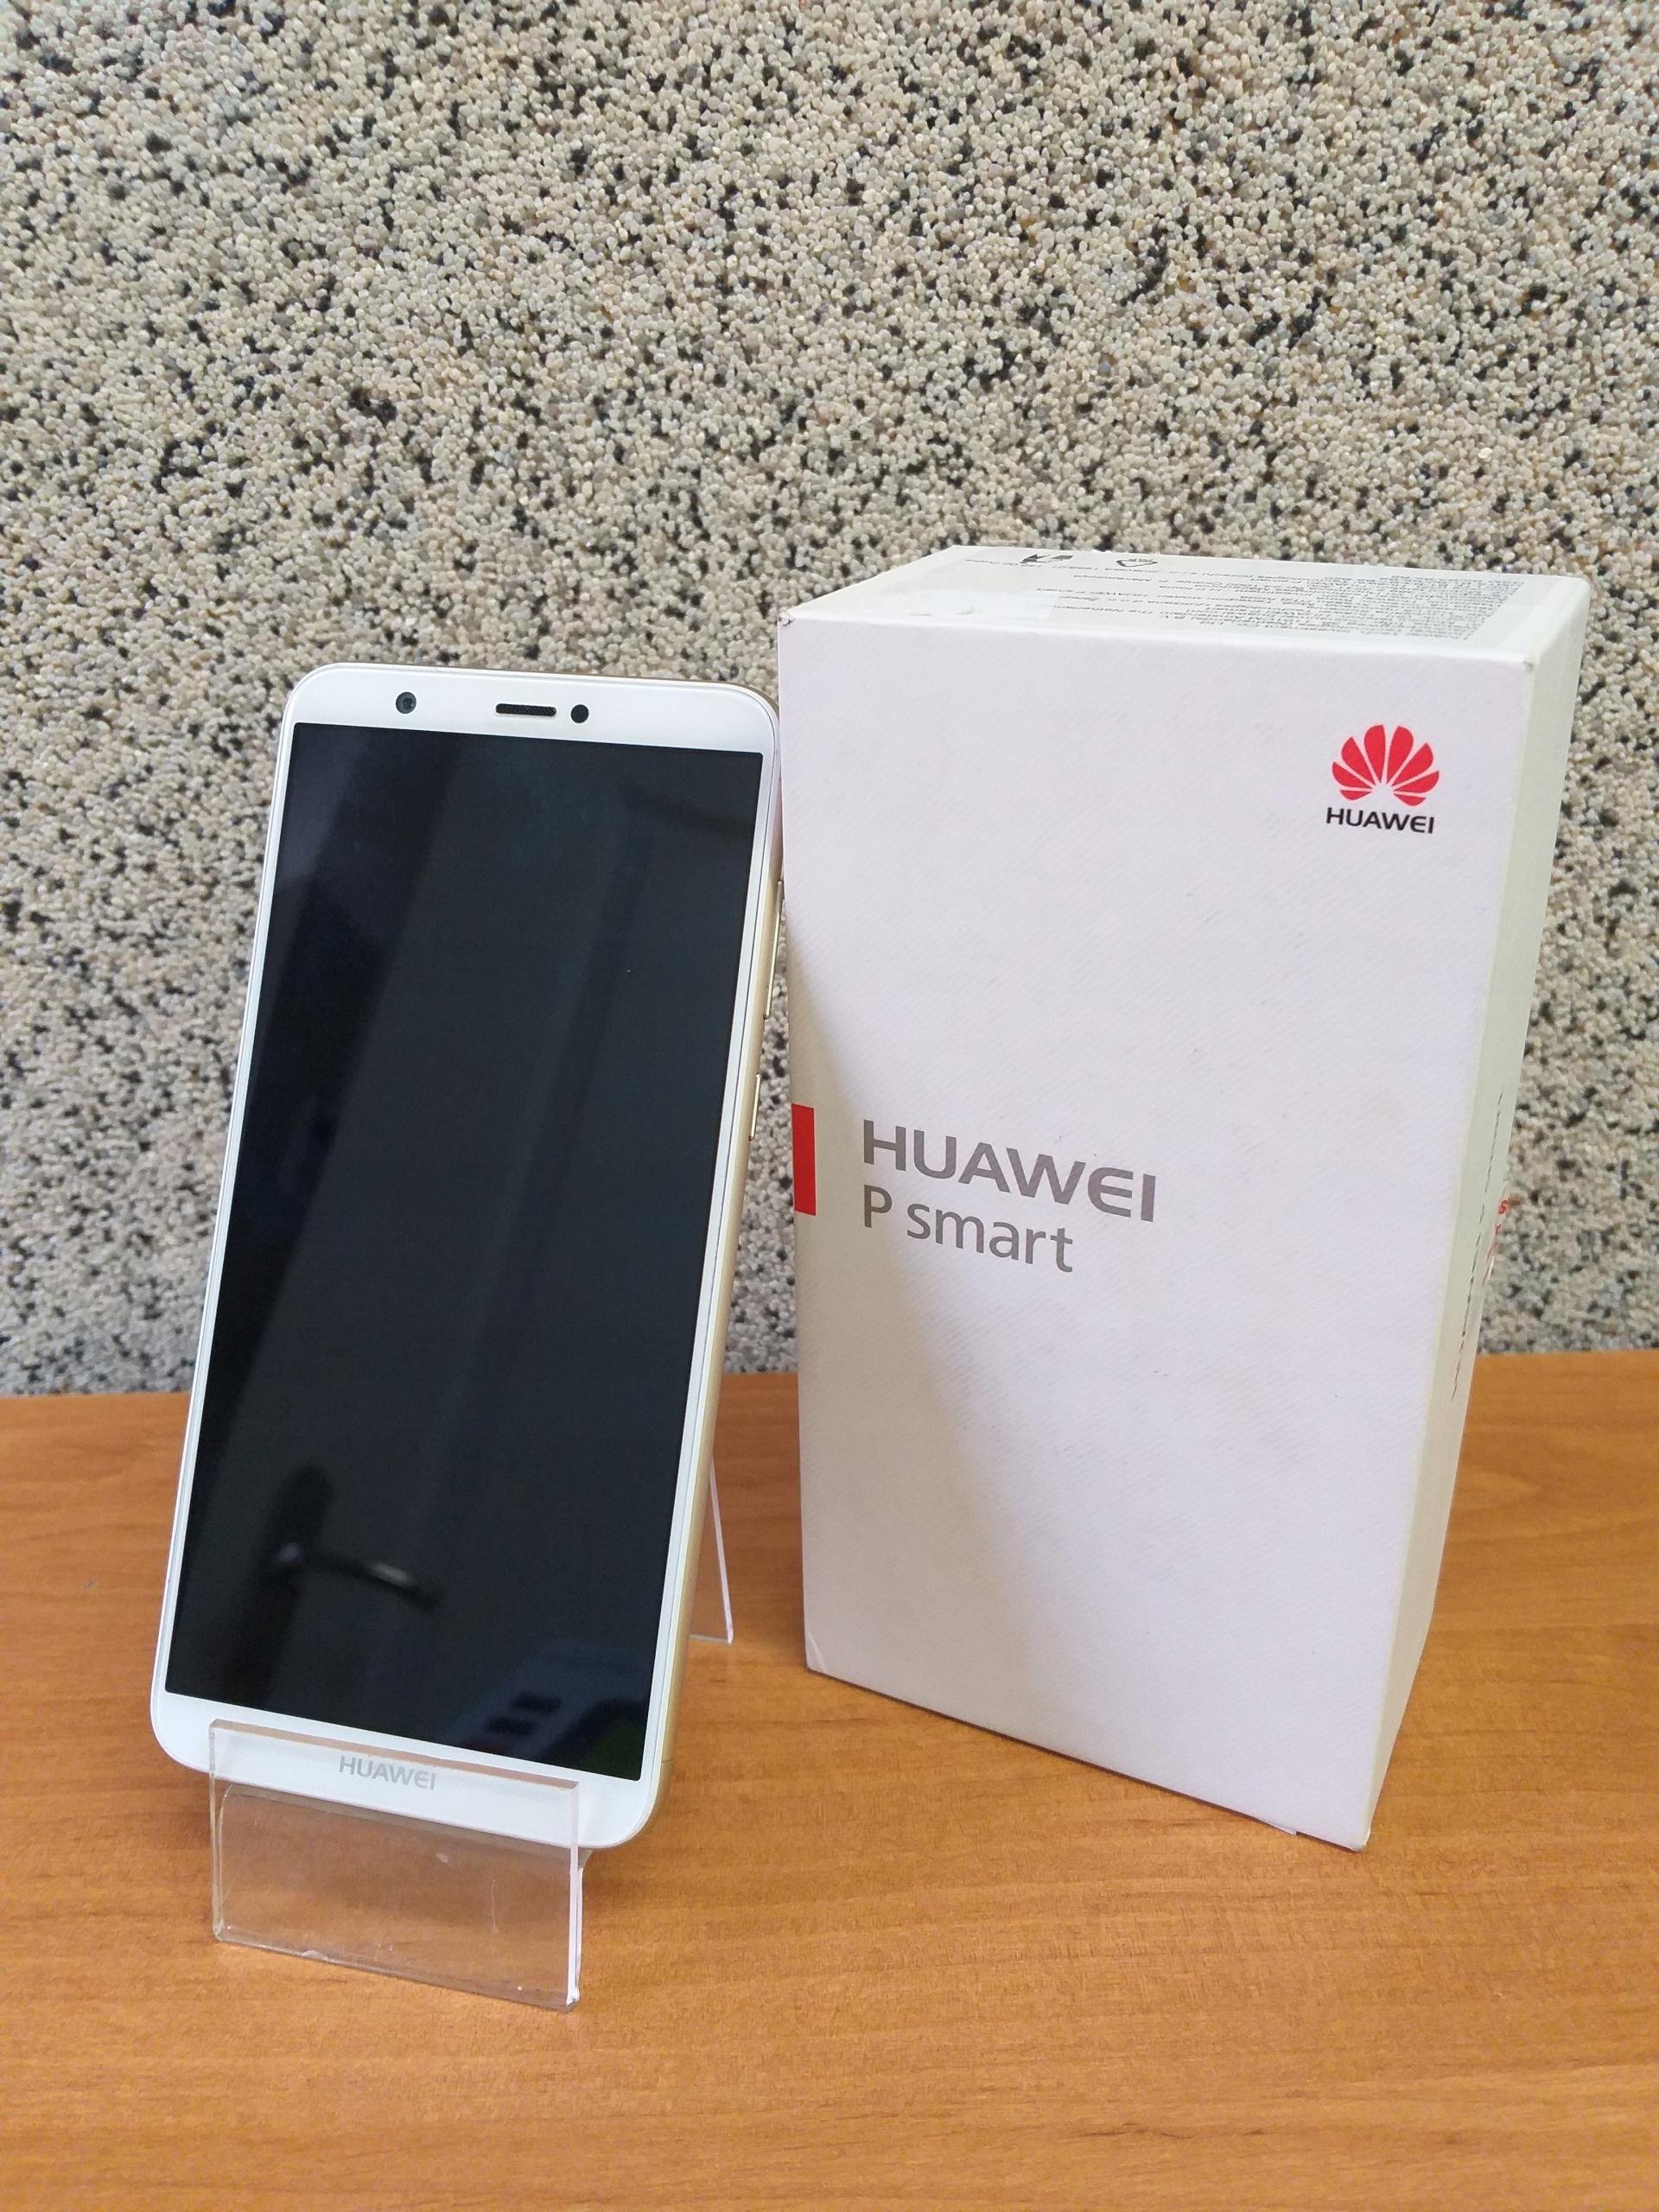 Huawei P smart ( 1082/s/19 )